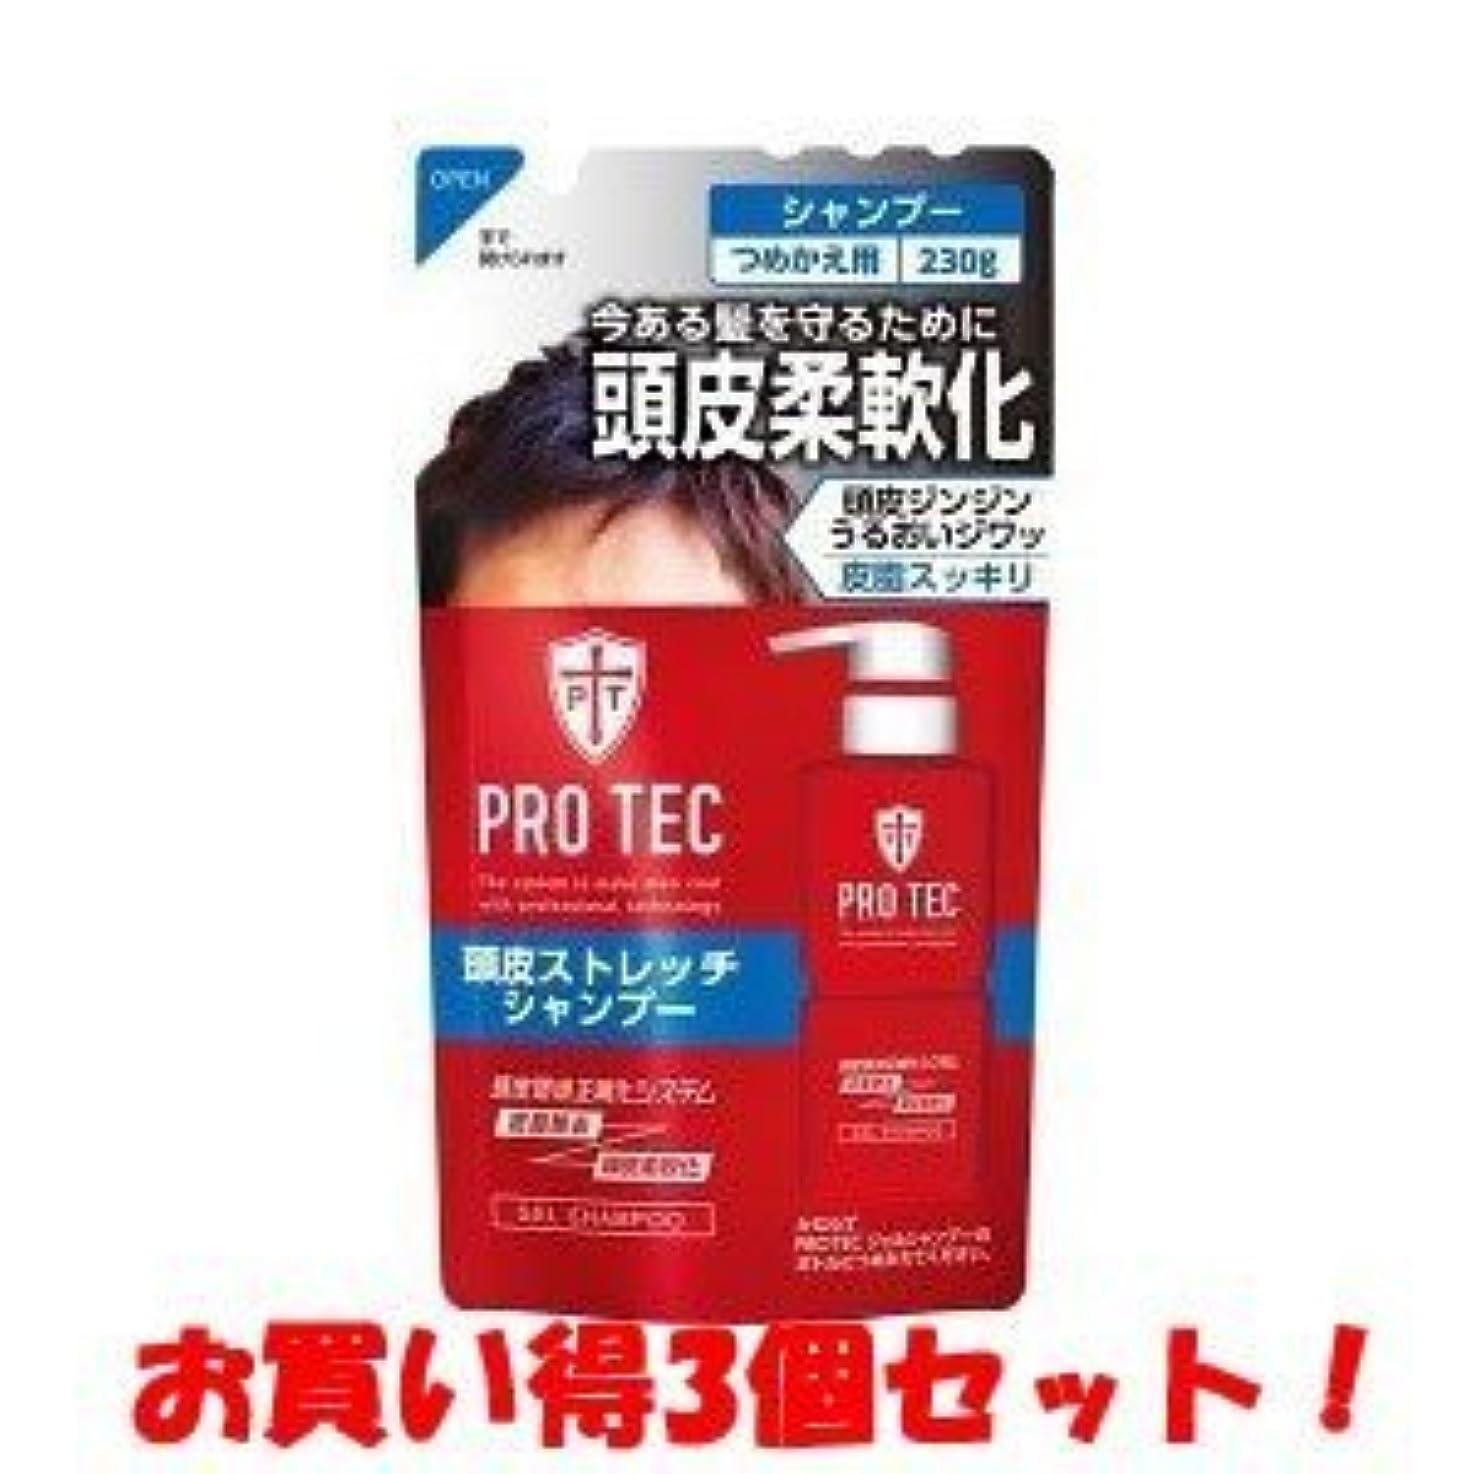 無線反発熟達した(ライオン)PRO TEC(プロテク) 頭皮ストレッチ シャンプー つめかえ用 230g(医薬部外品)(お買い得3個セット)